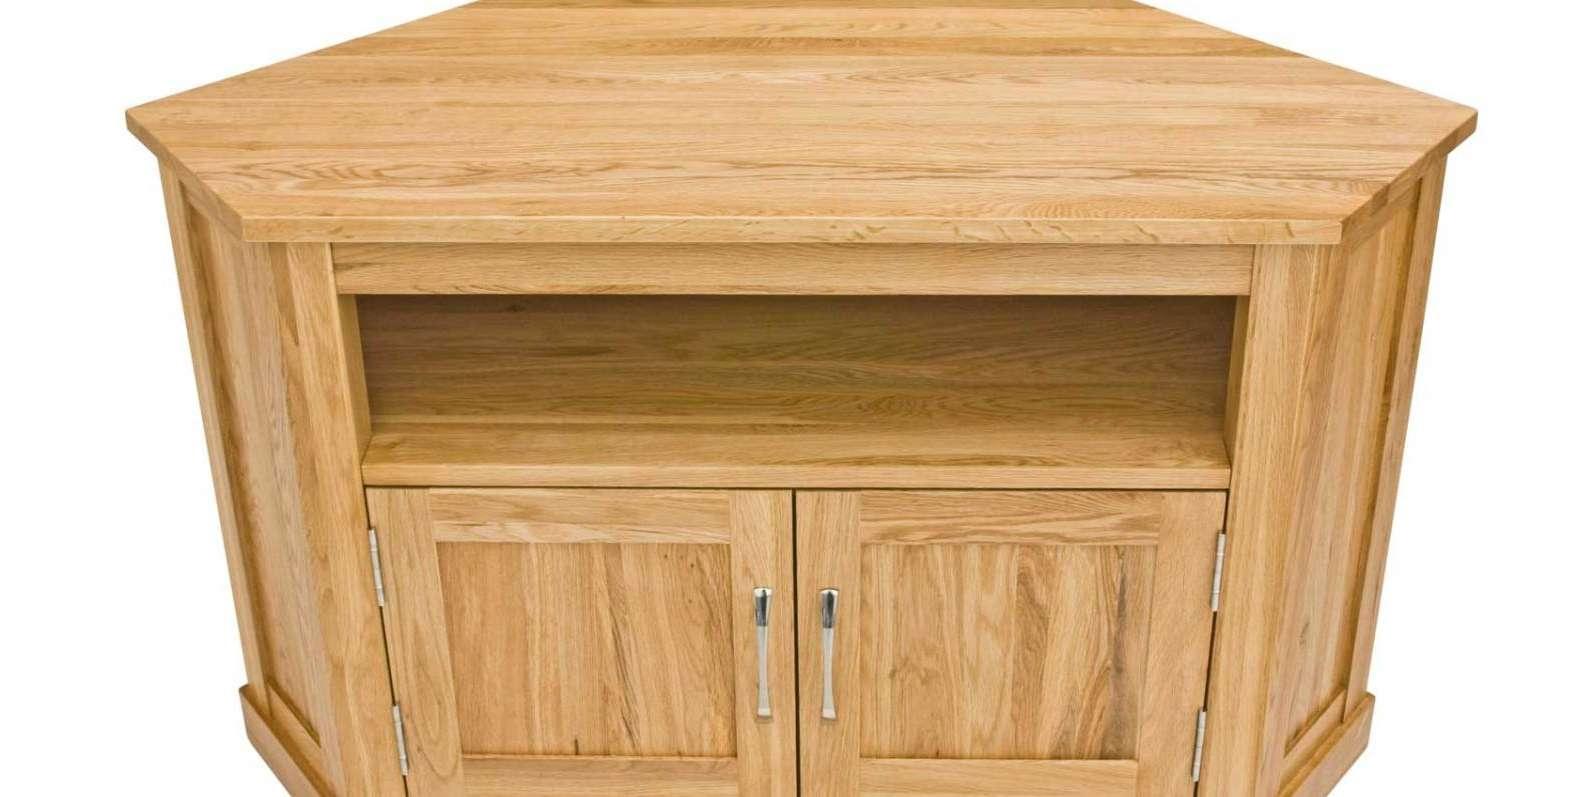 Tv : Uncommon Wood Corner Tv Stands Uk Suitable Oak Corner Tv With Regard To Oak Tv Cabinets For Flat Screens With Doors (View 19 of 20)